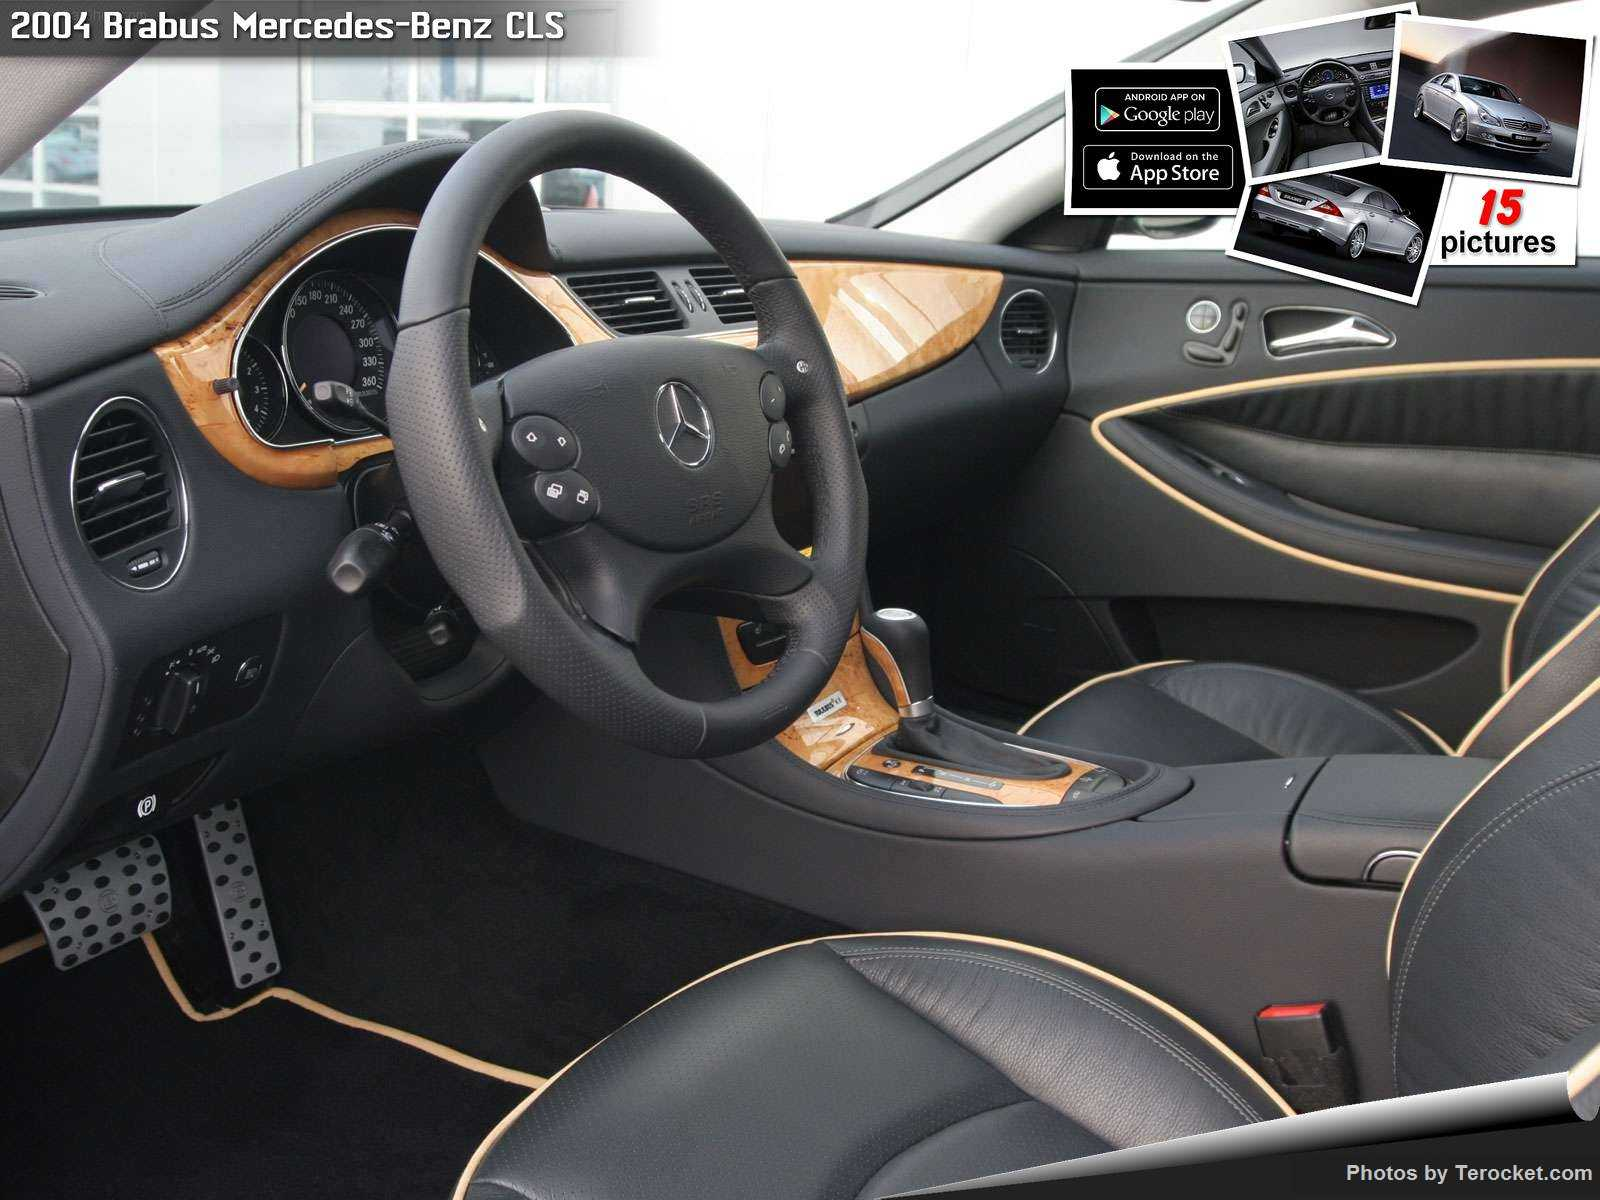 Hình ảnh xe ô tô Brabus Mercedes-Benz CLS 2004 & nội ngoại thất